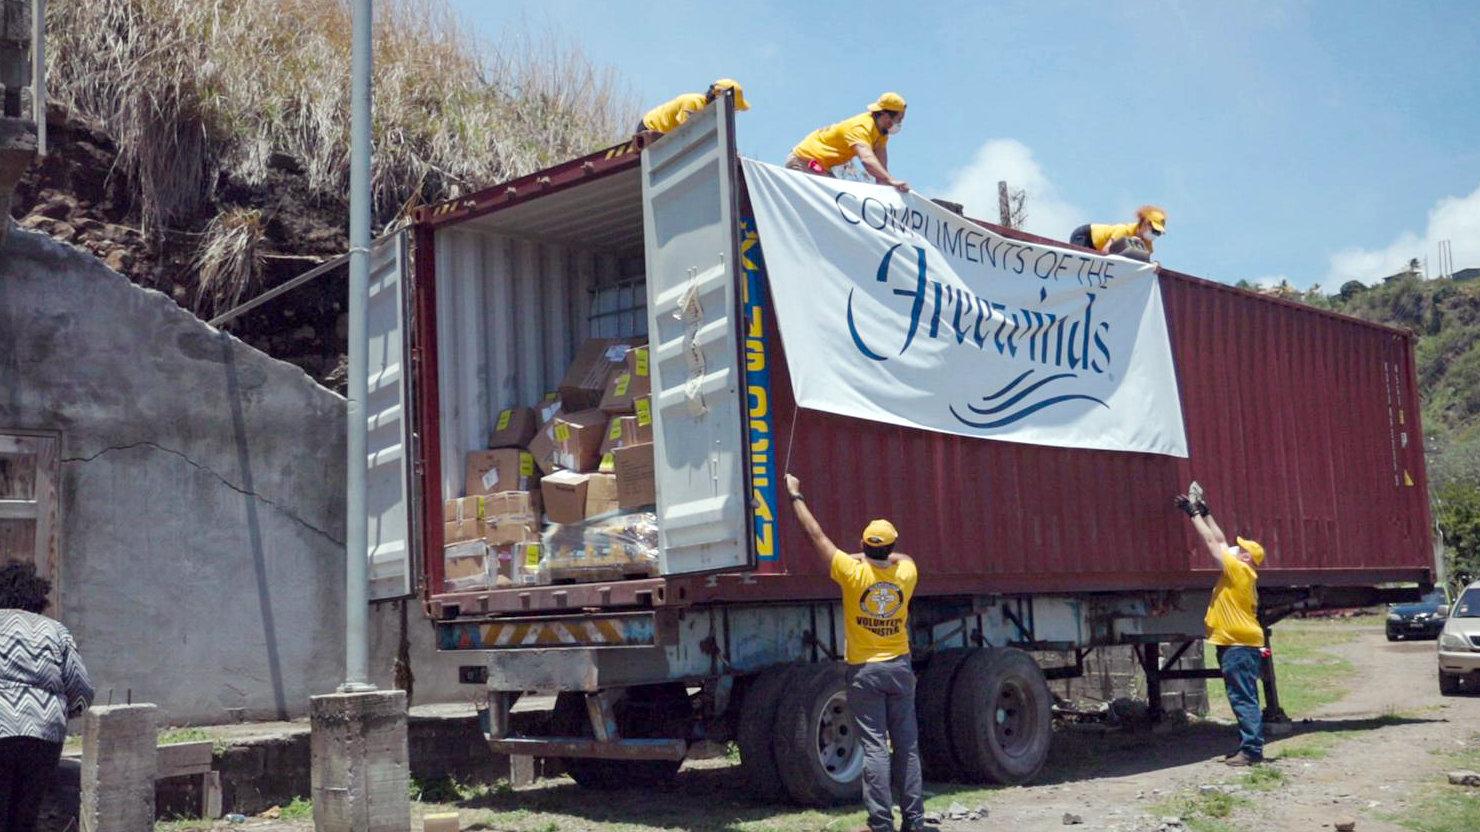 Ein Team der VMs entlädt einen Container mit wichtigen Gebrauchsgütern, den die Freewinds mit Unterstützung der IAS zur Insel geschickt hatte.